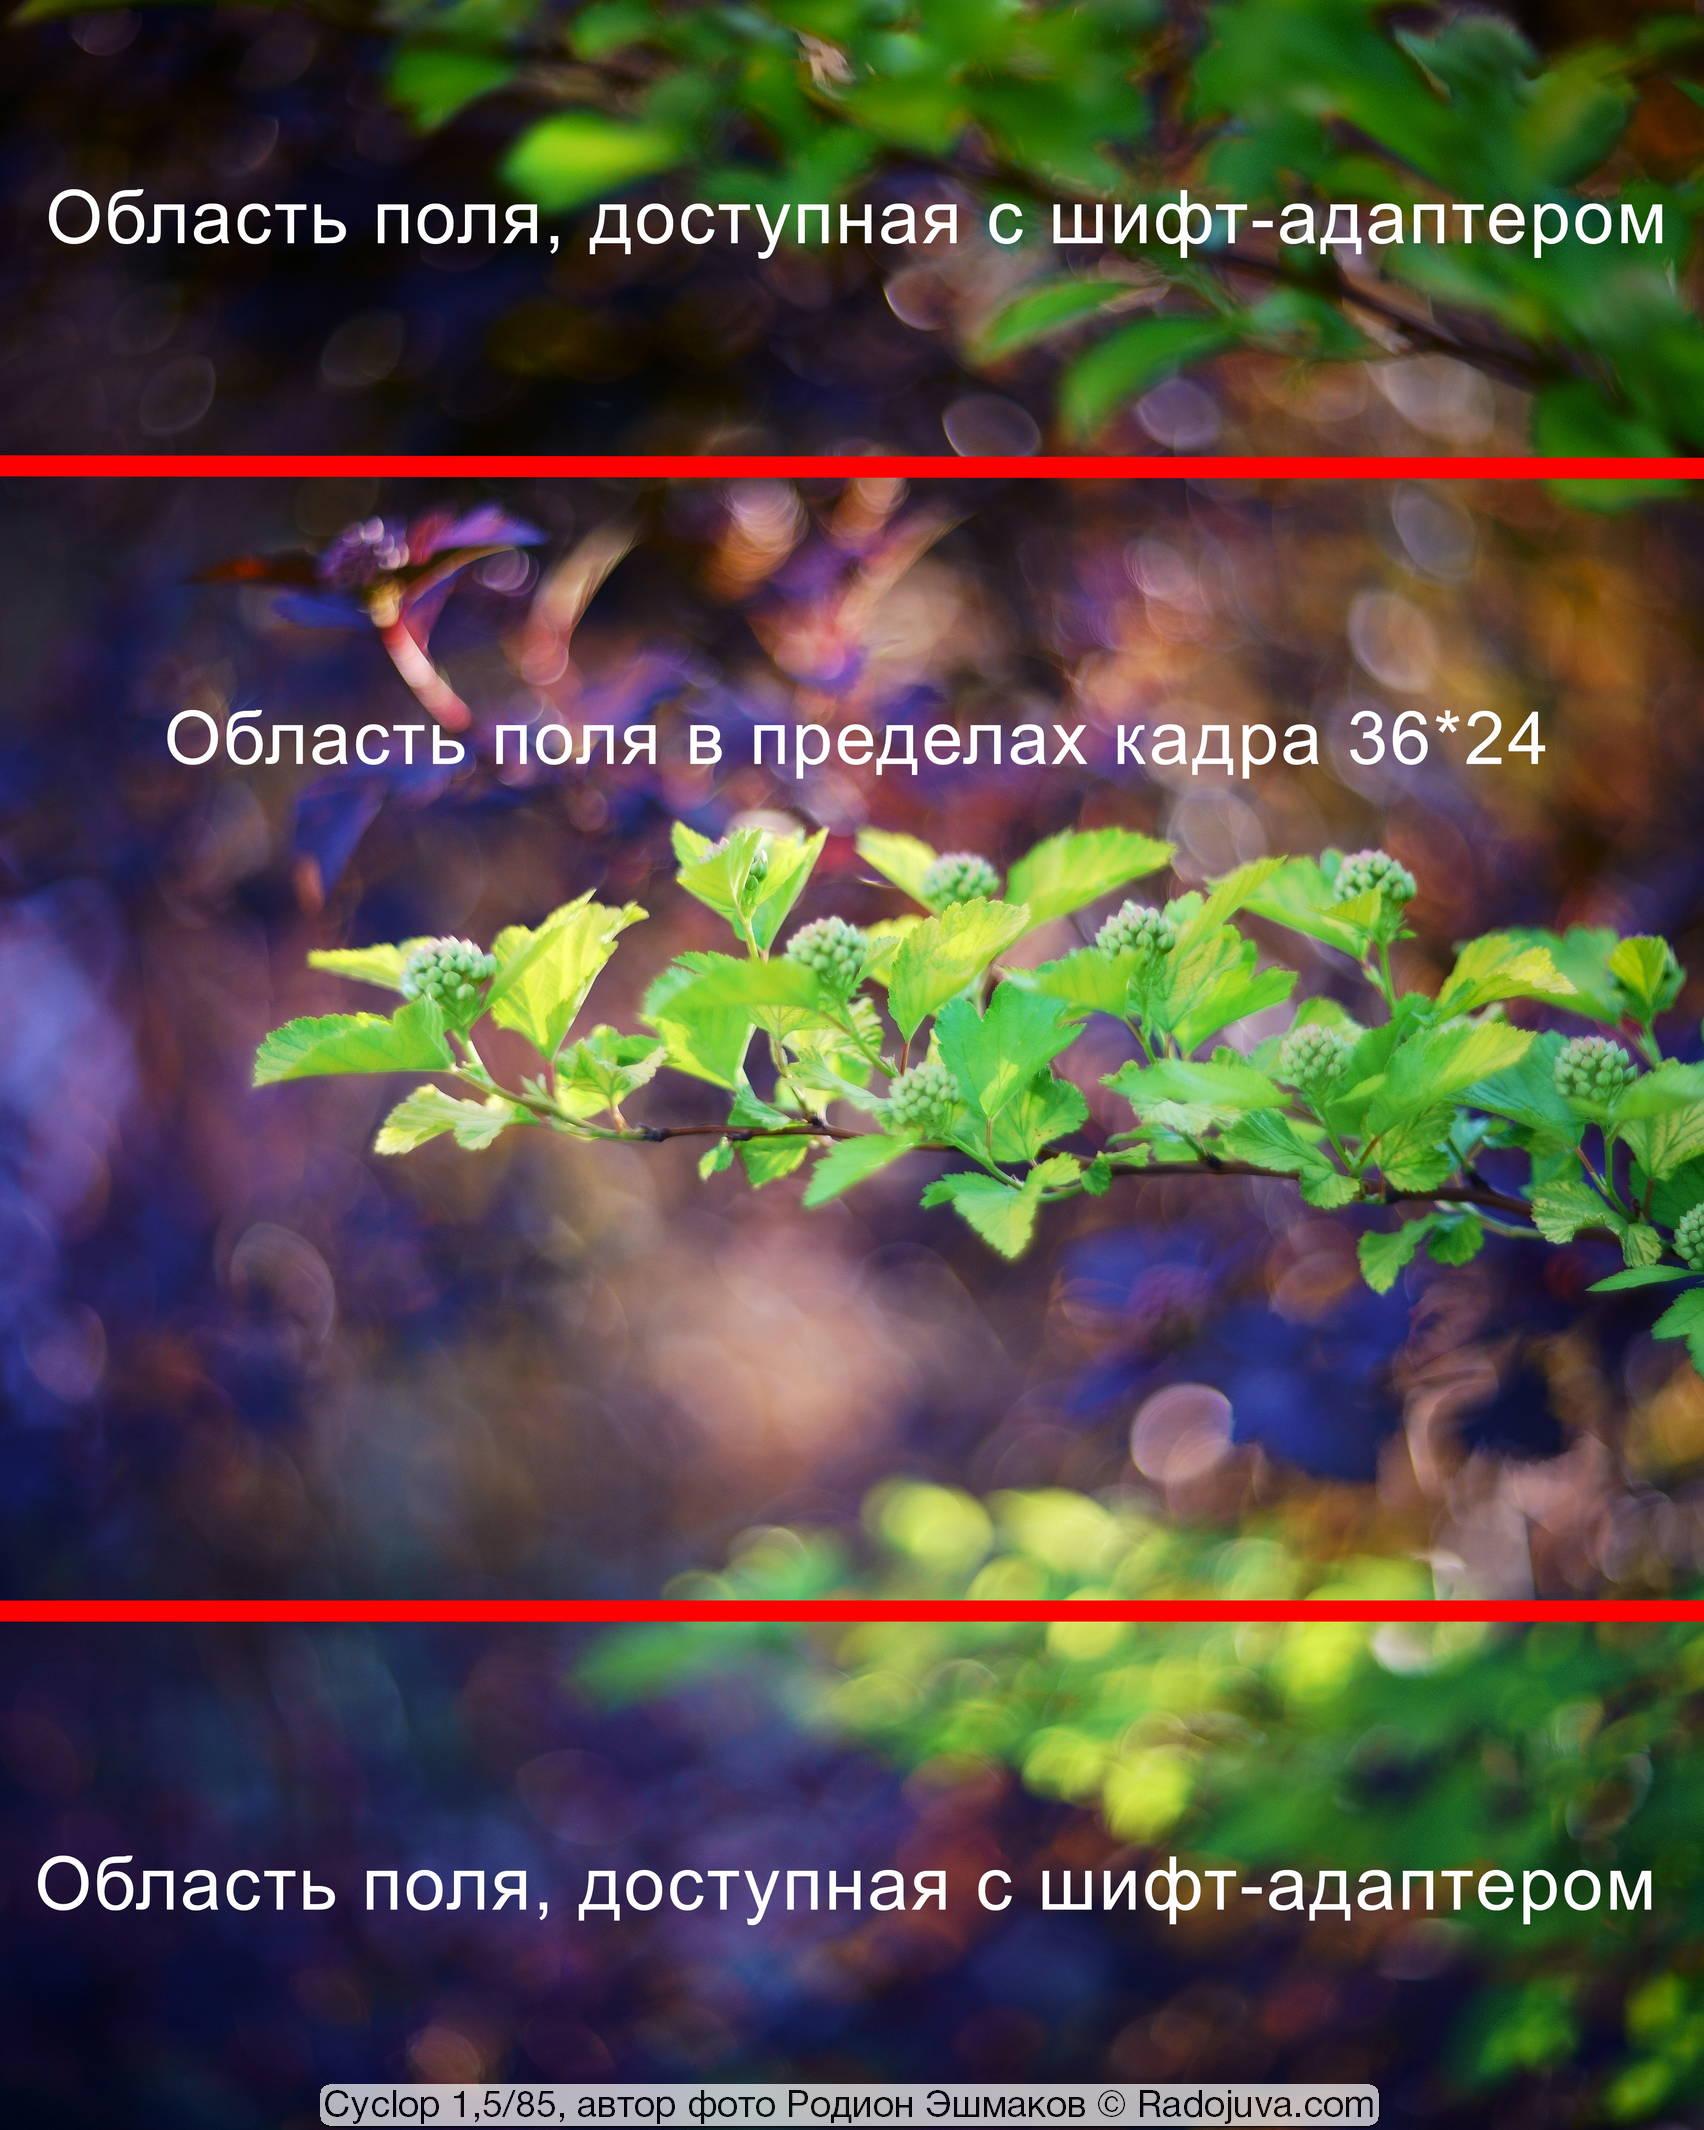 Сравнение поля изображения, доступного с шифт адаптером на полнокадровой камере, с полем обычного кадра 36*24 мм.